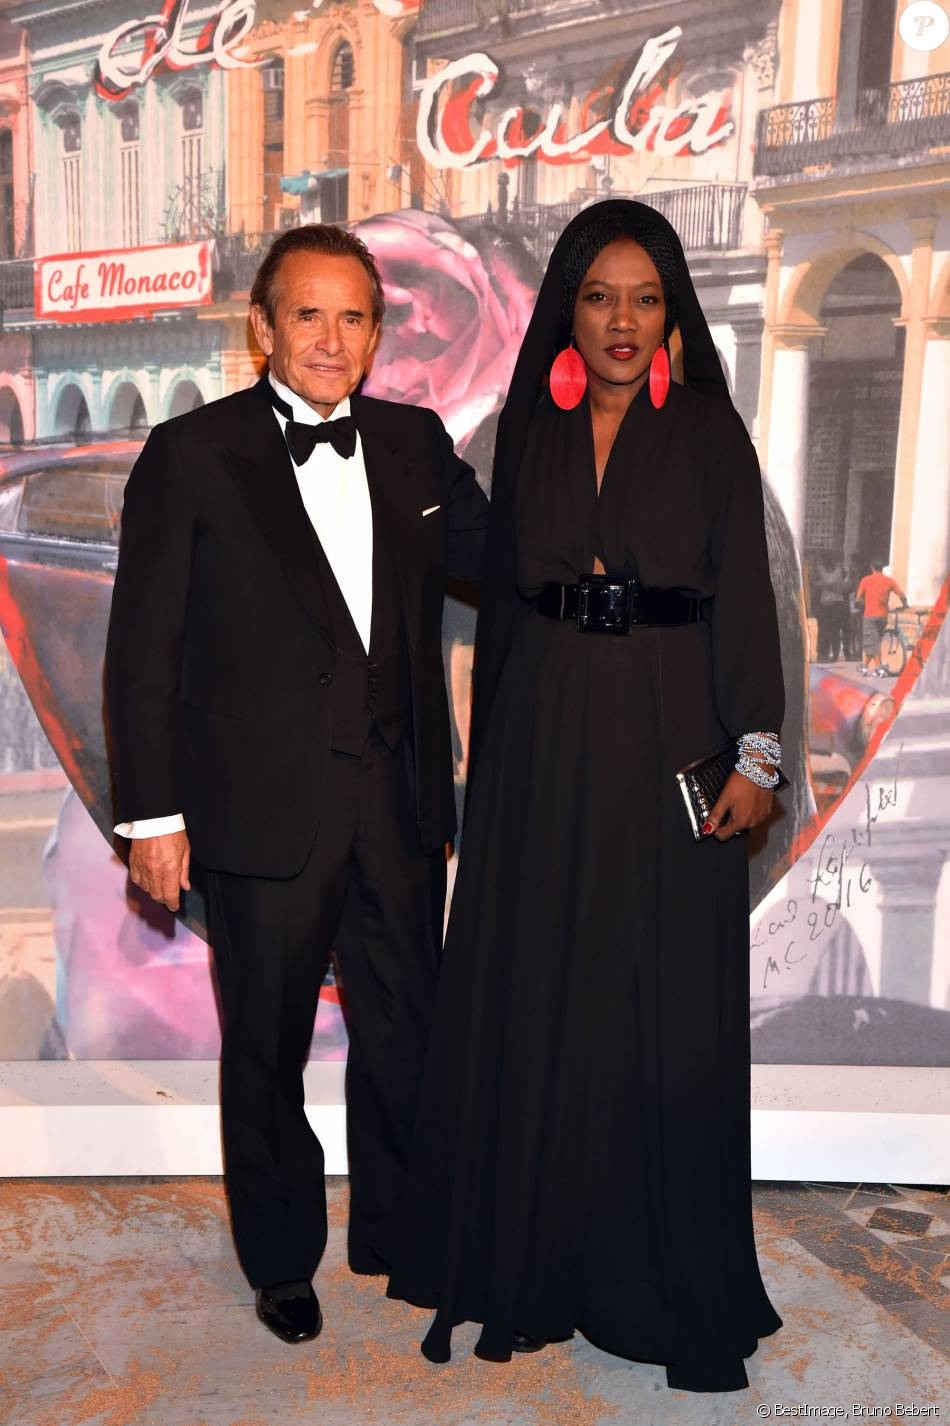 jacky ickx et sa femme khadja nin au 62e bal de la rose sur le th me de cuba op r par karl. Black Bedroom Furniture Sets. Home Design Ideas